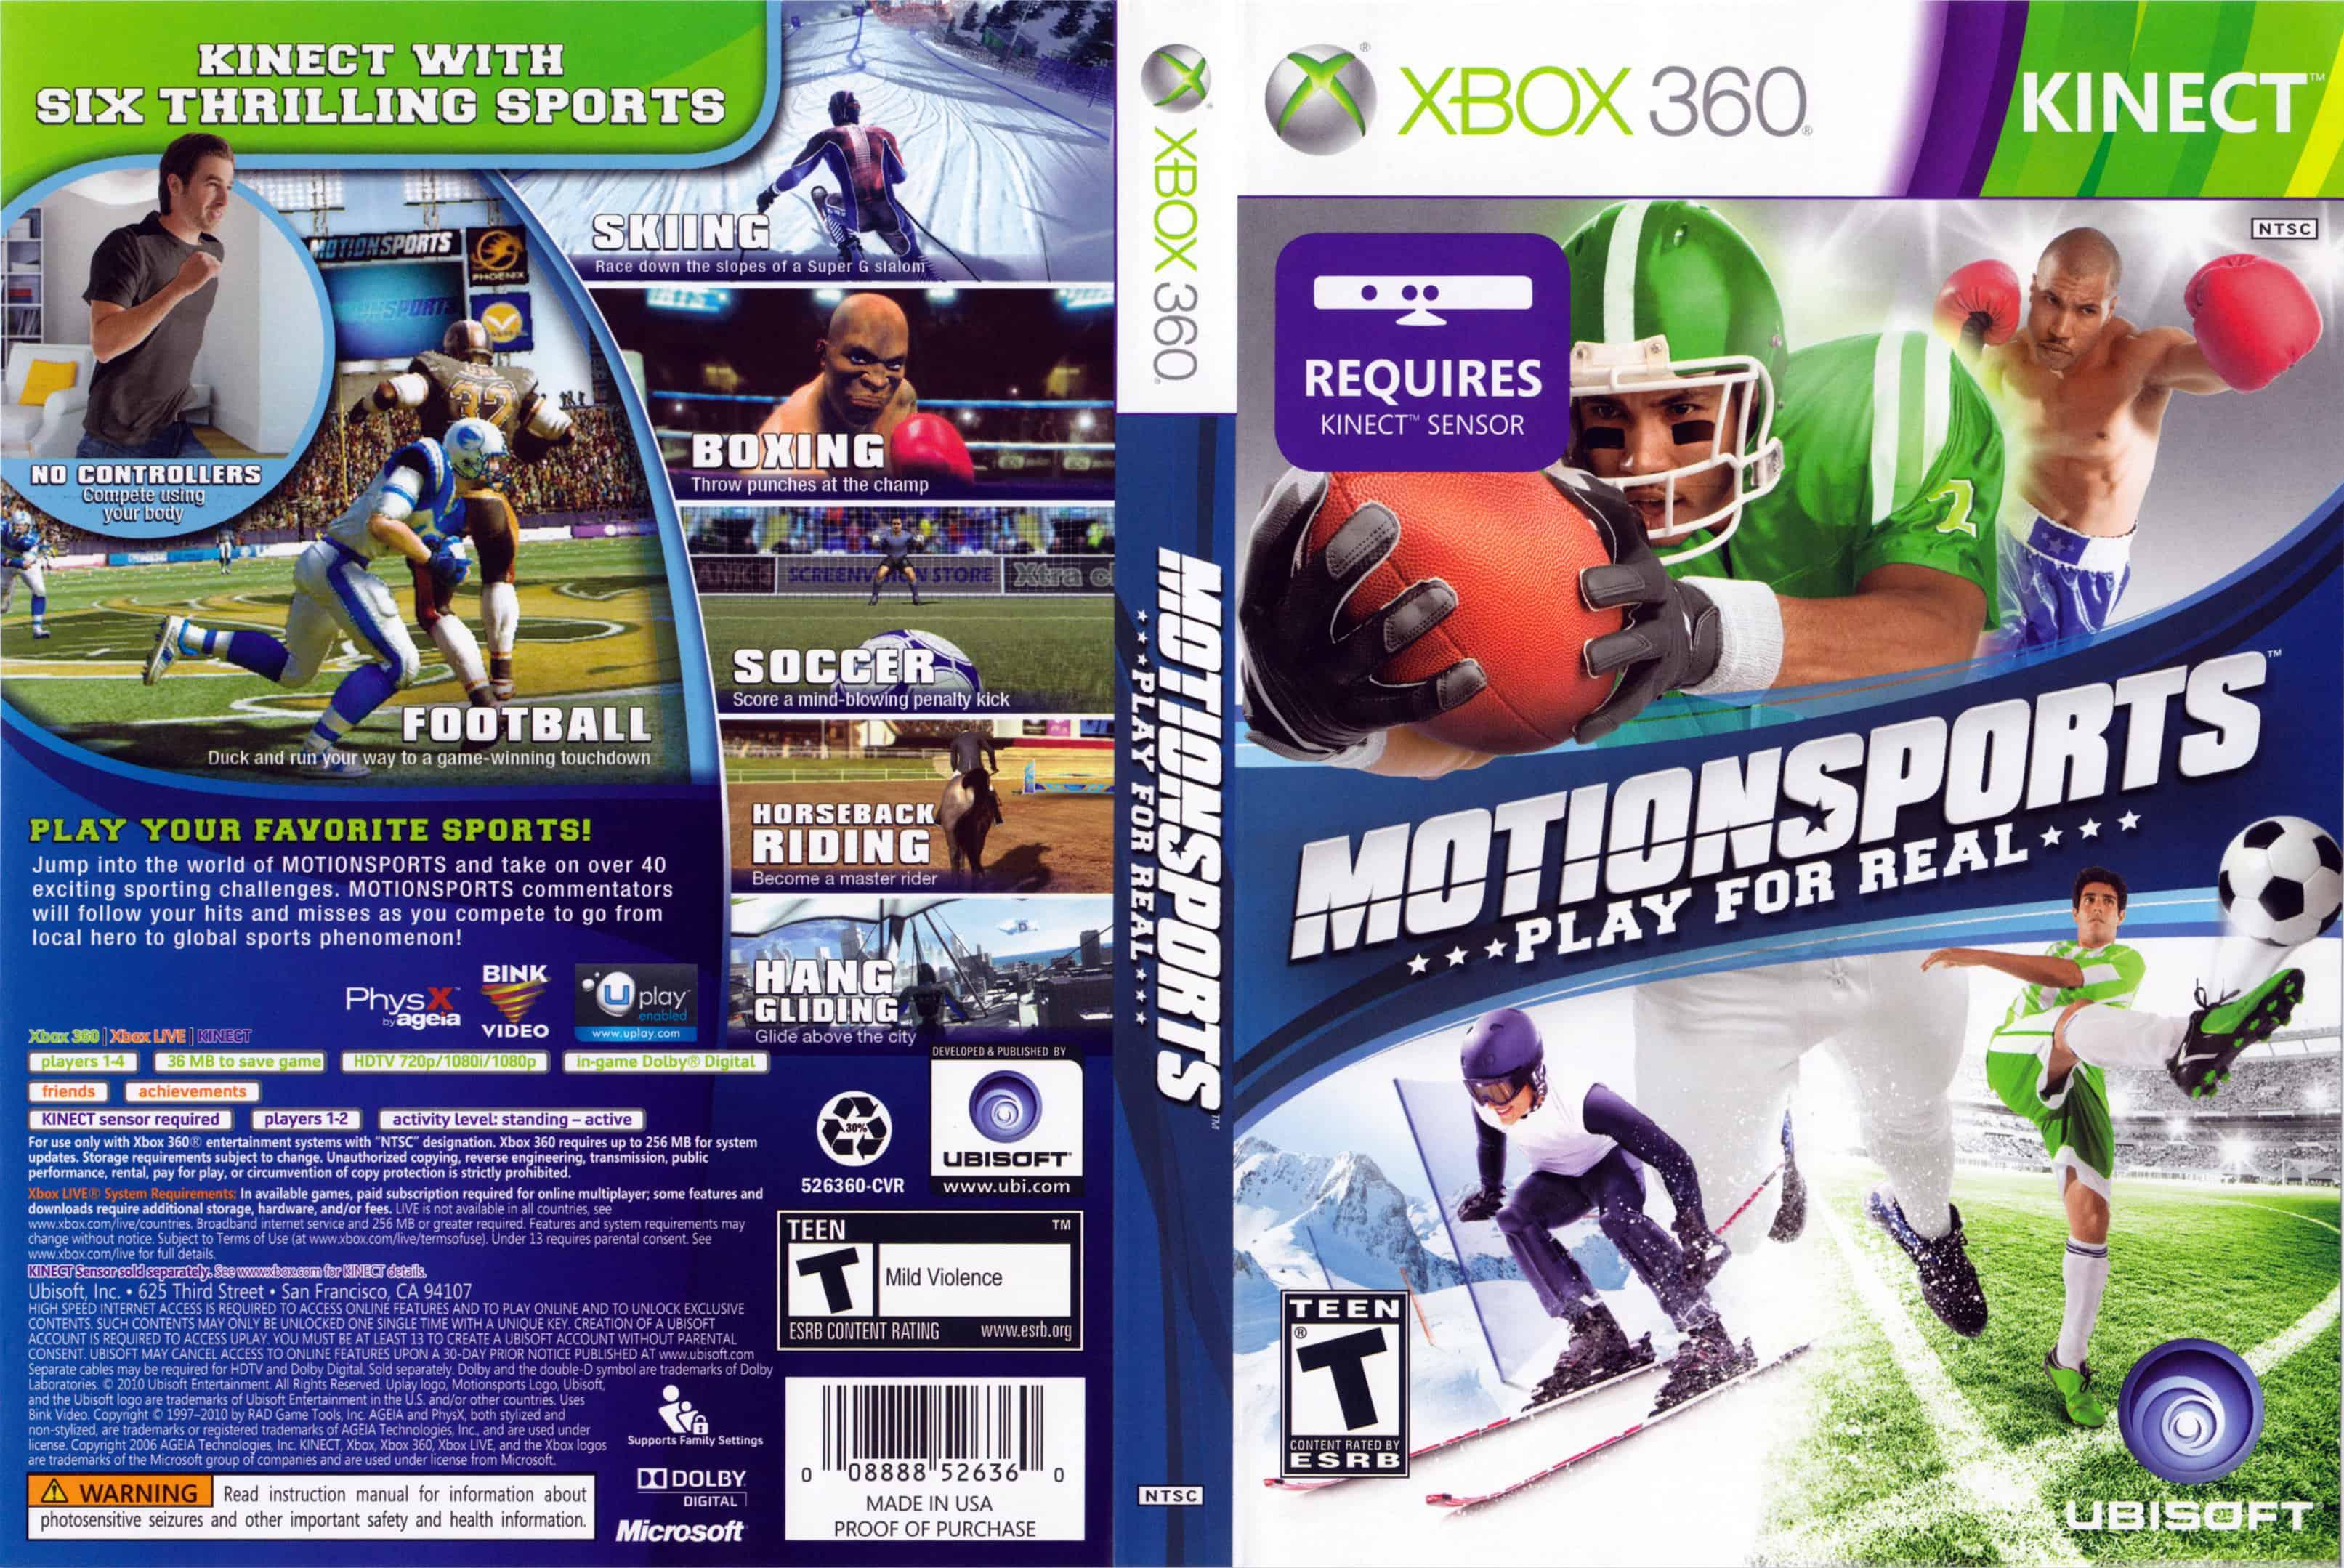 jocuri xbox 360 kinect5 jocuri3 jocuri gratis2 jocuri